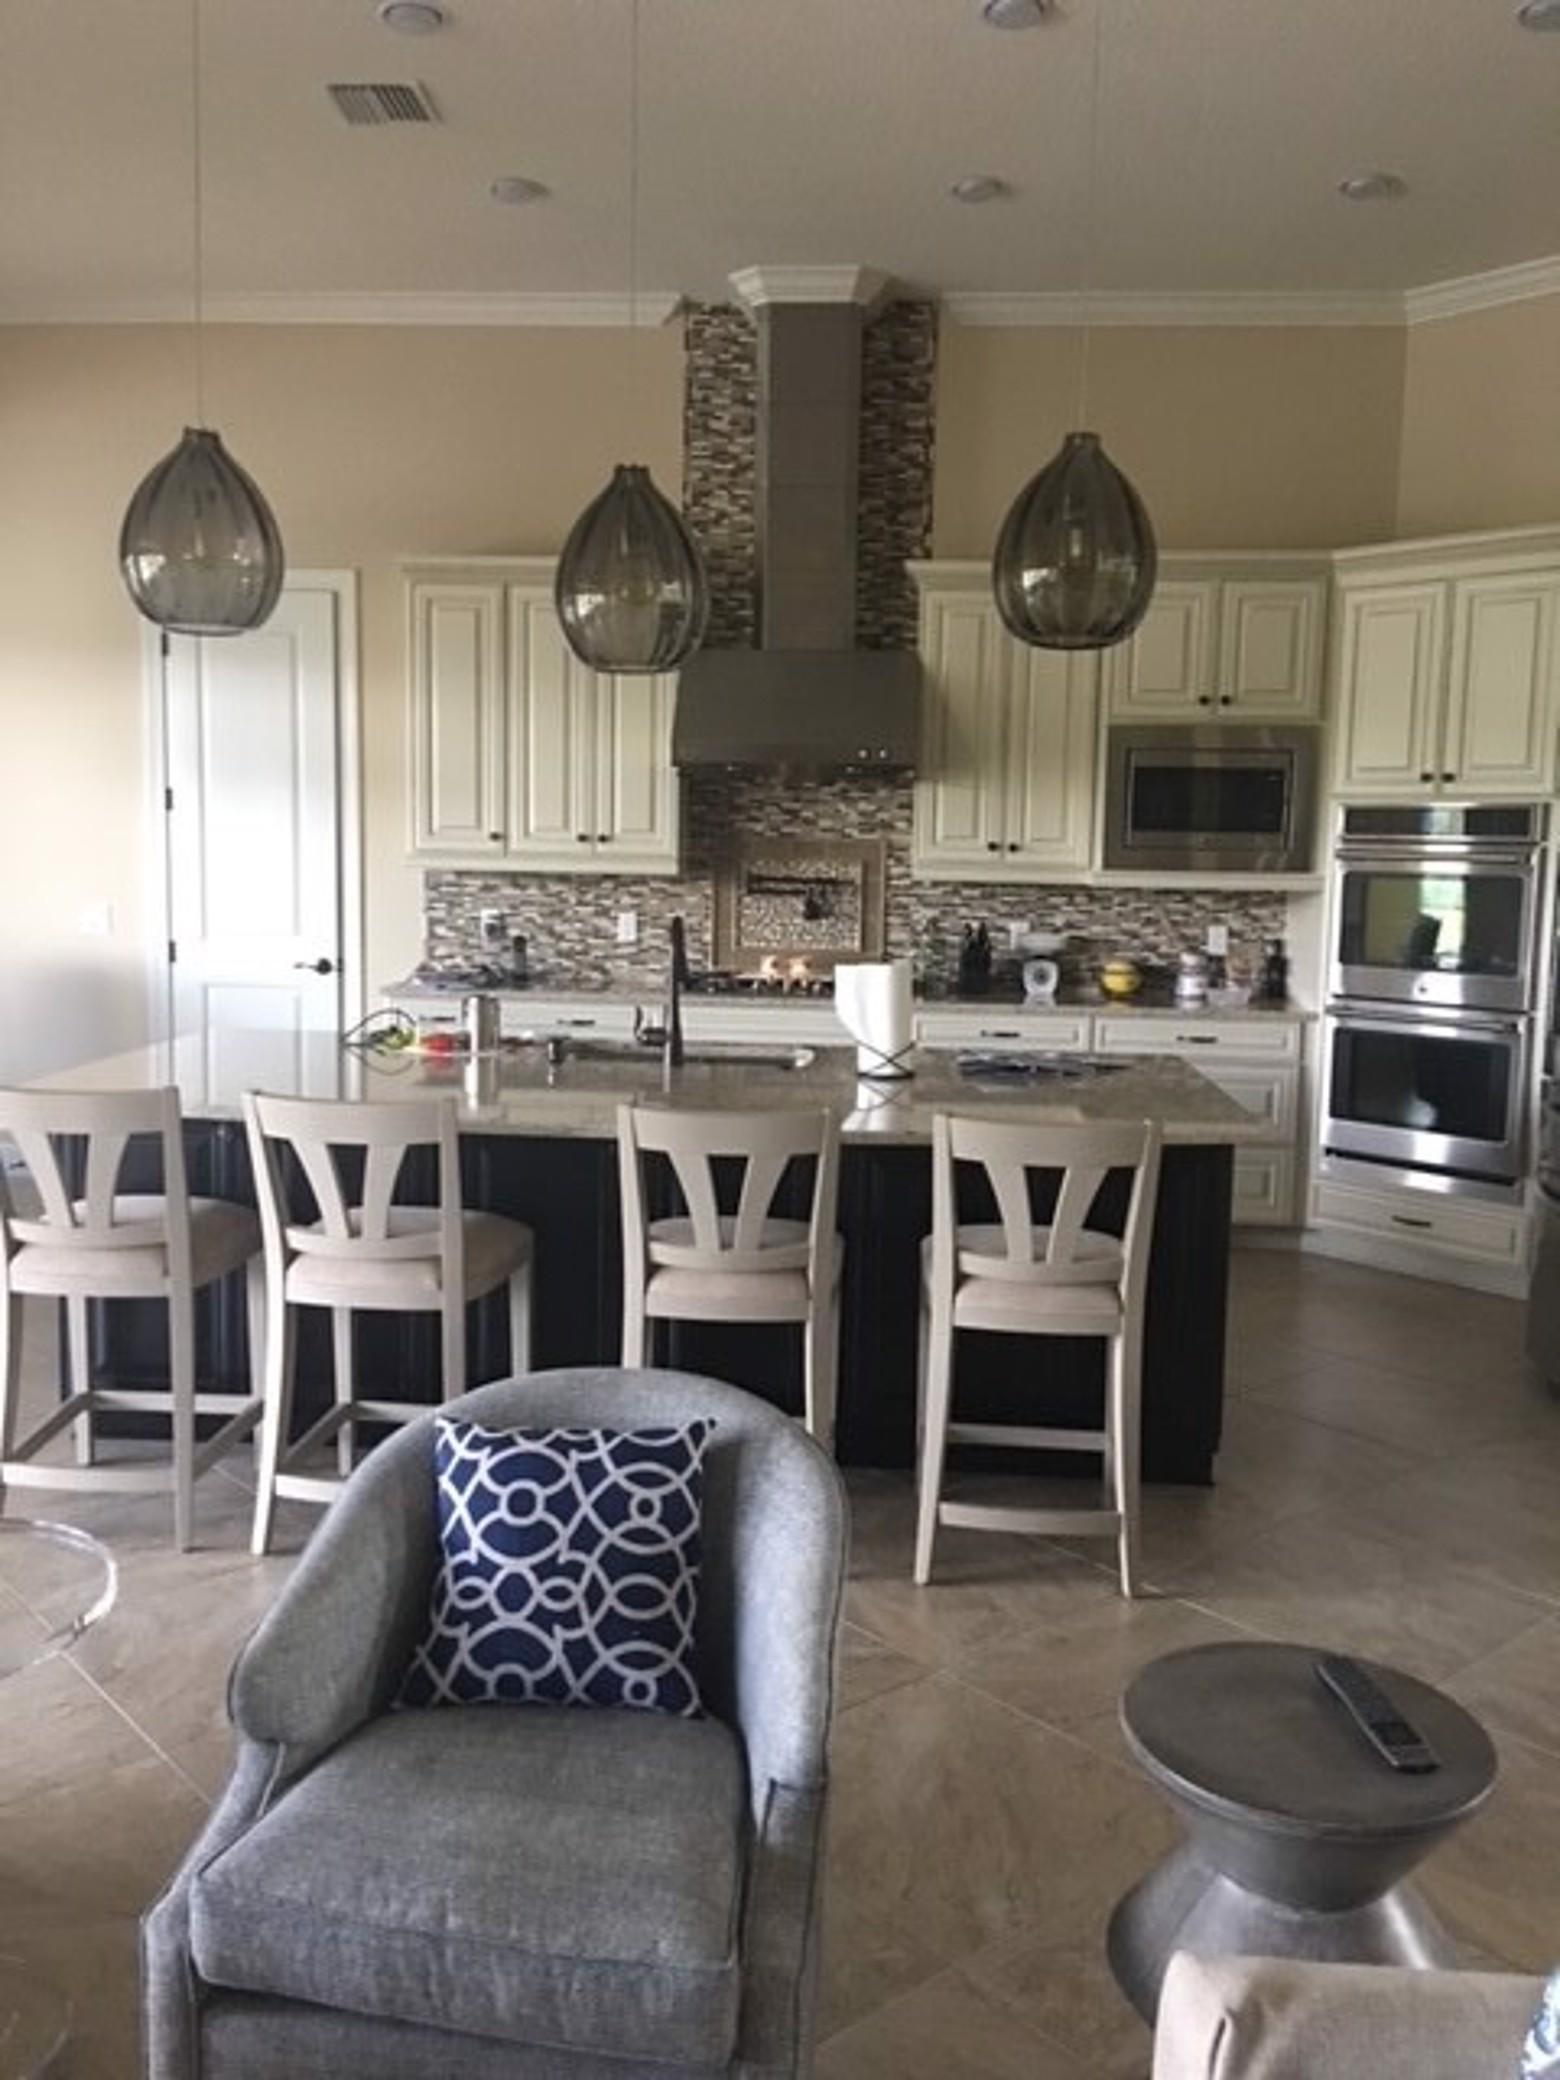 Kitchen.jpg image